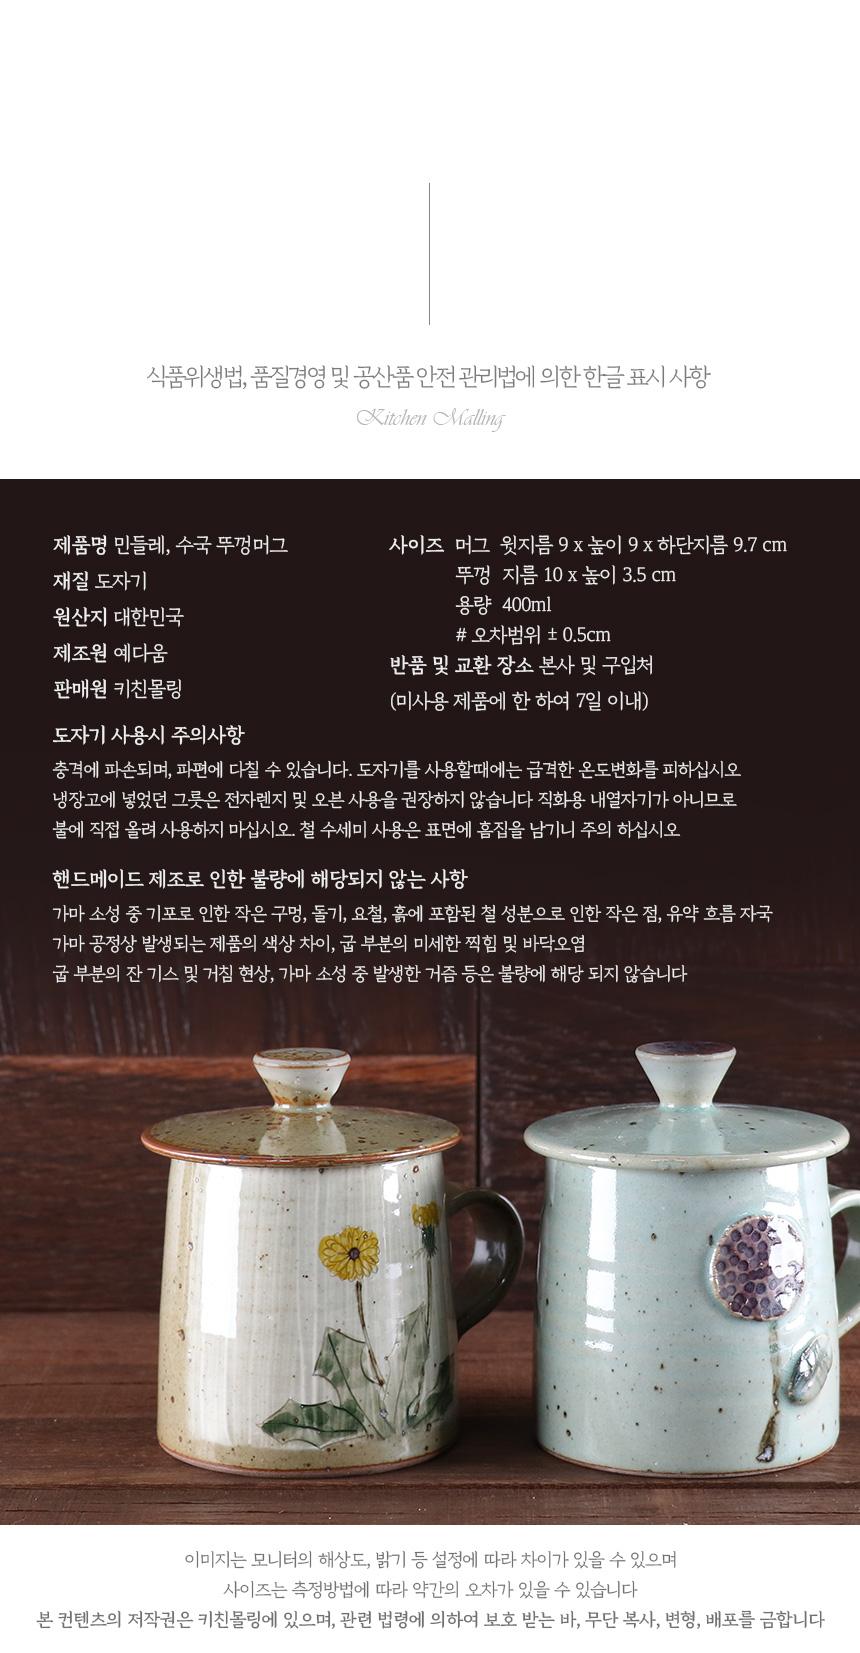 도자기 민들레 수국 뚜껑머그 2종 1p - 키친몰링, 27,000원, 머그컵, 일러스트머그